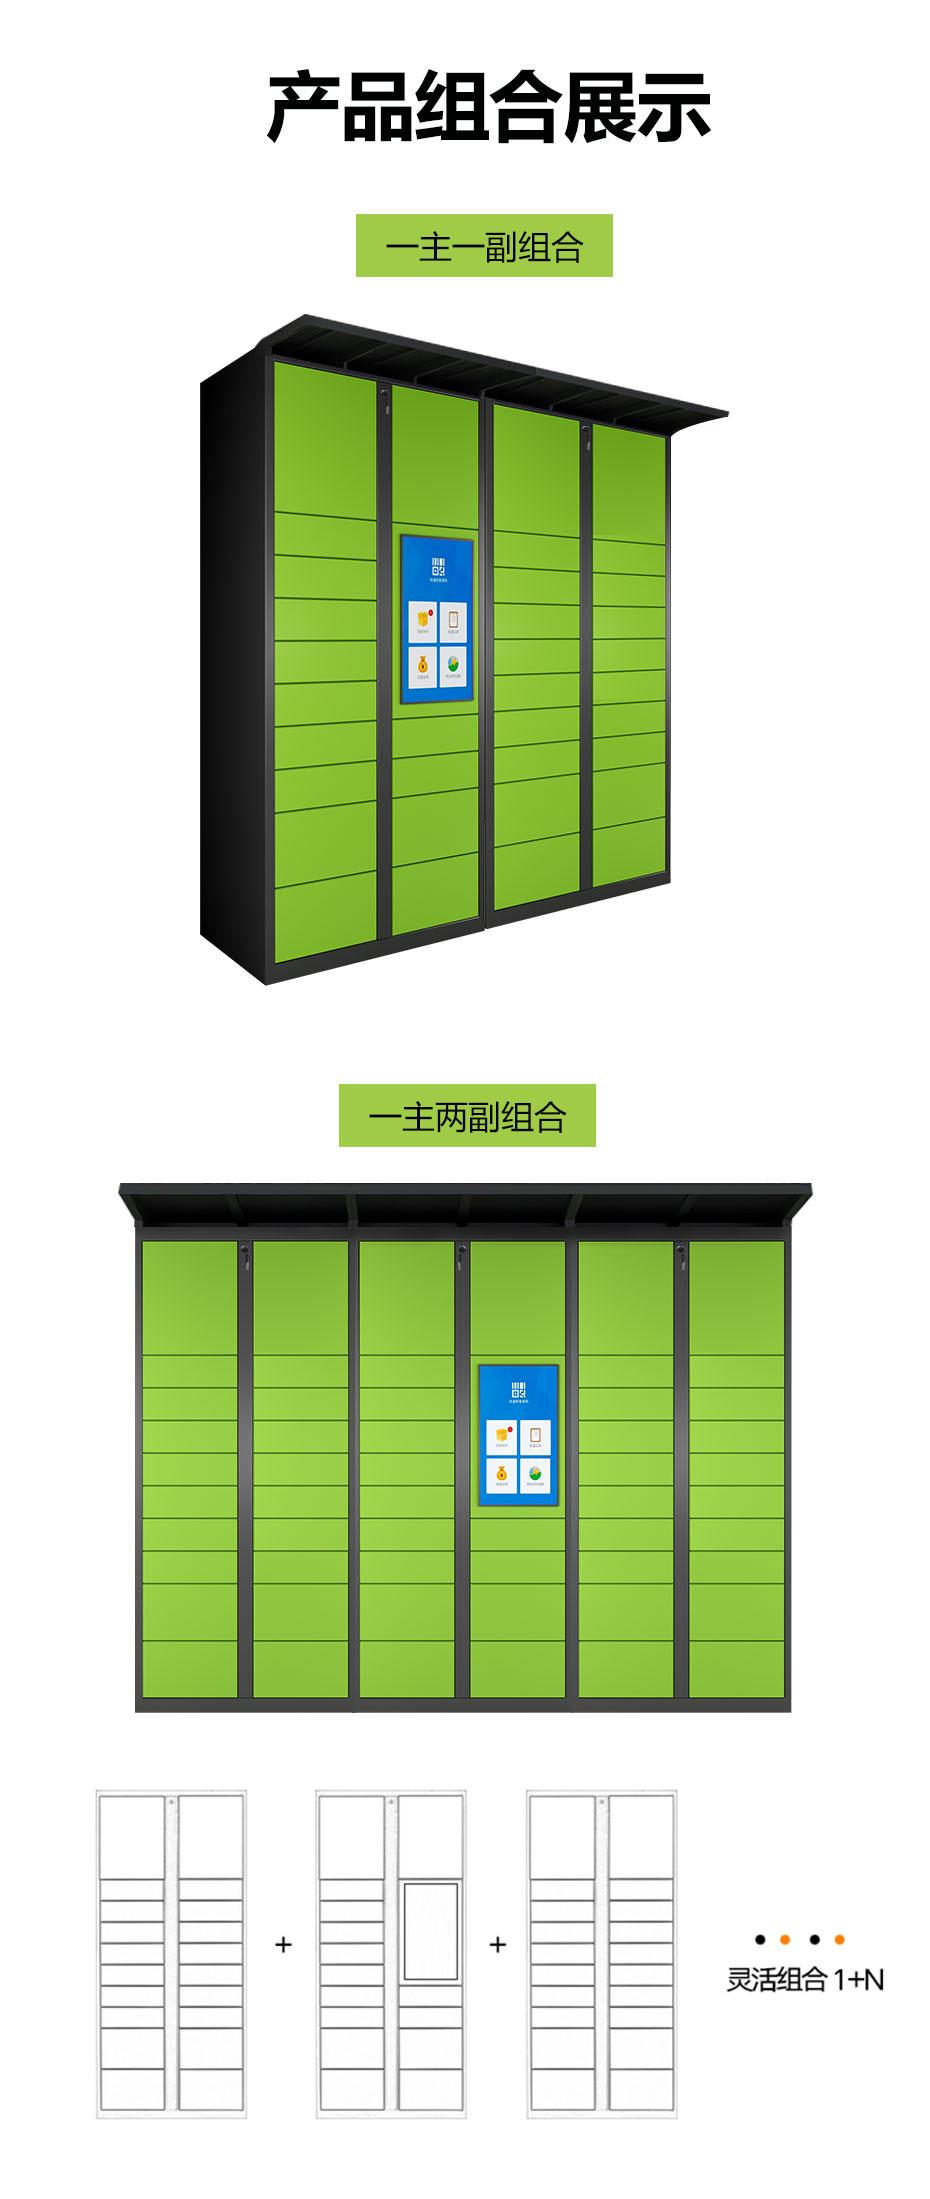 快递柜网站_04